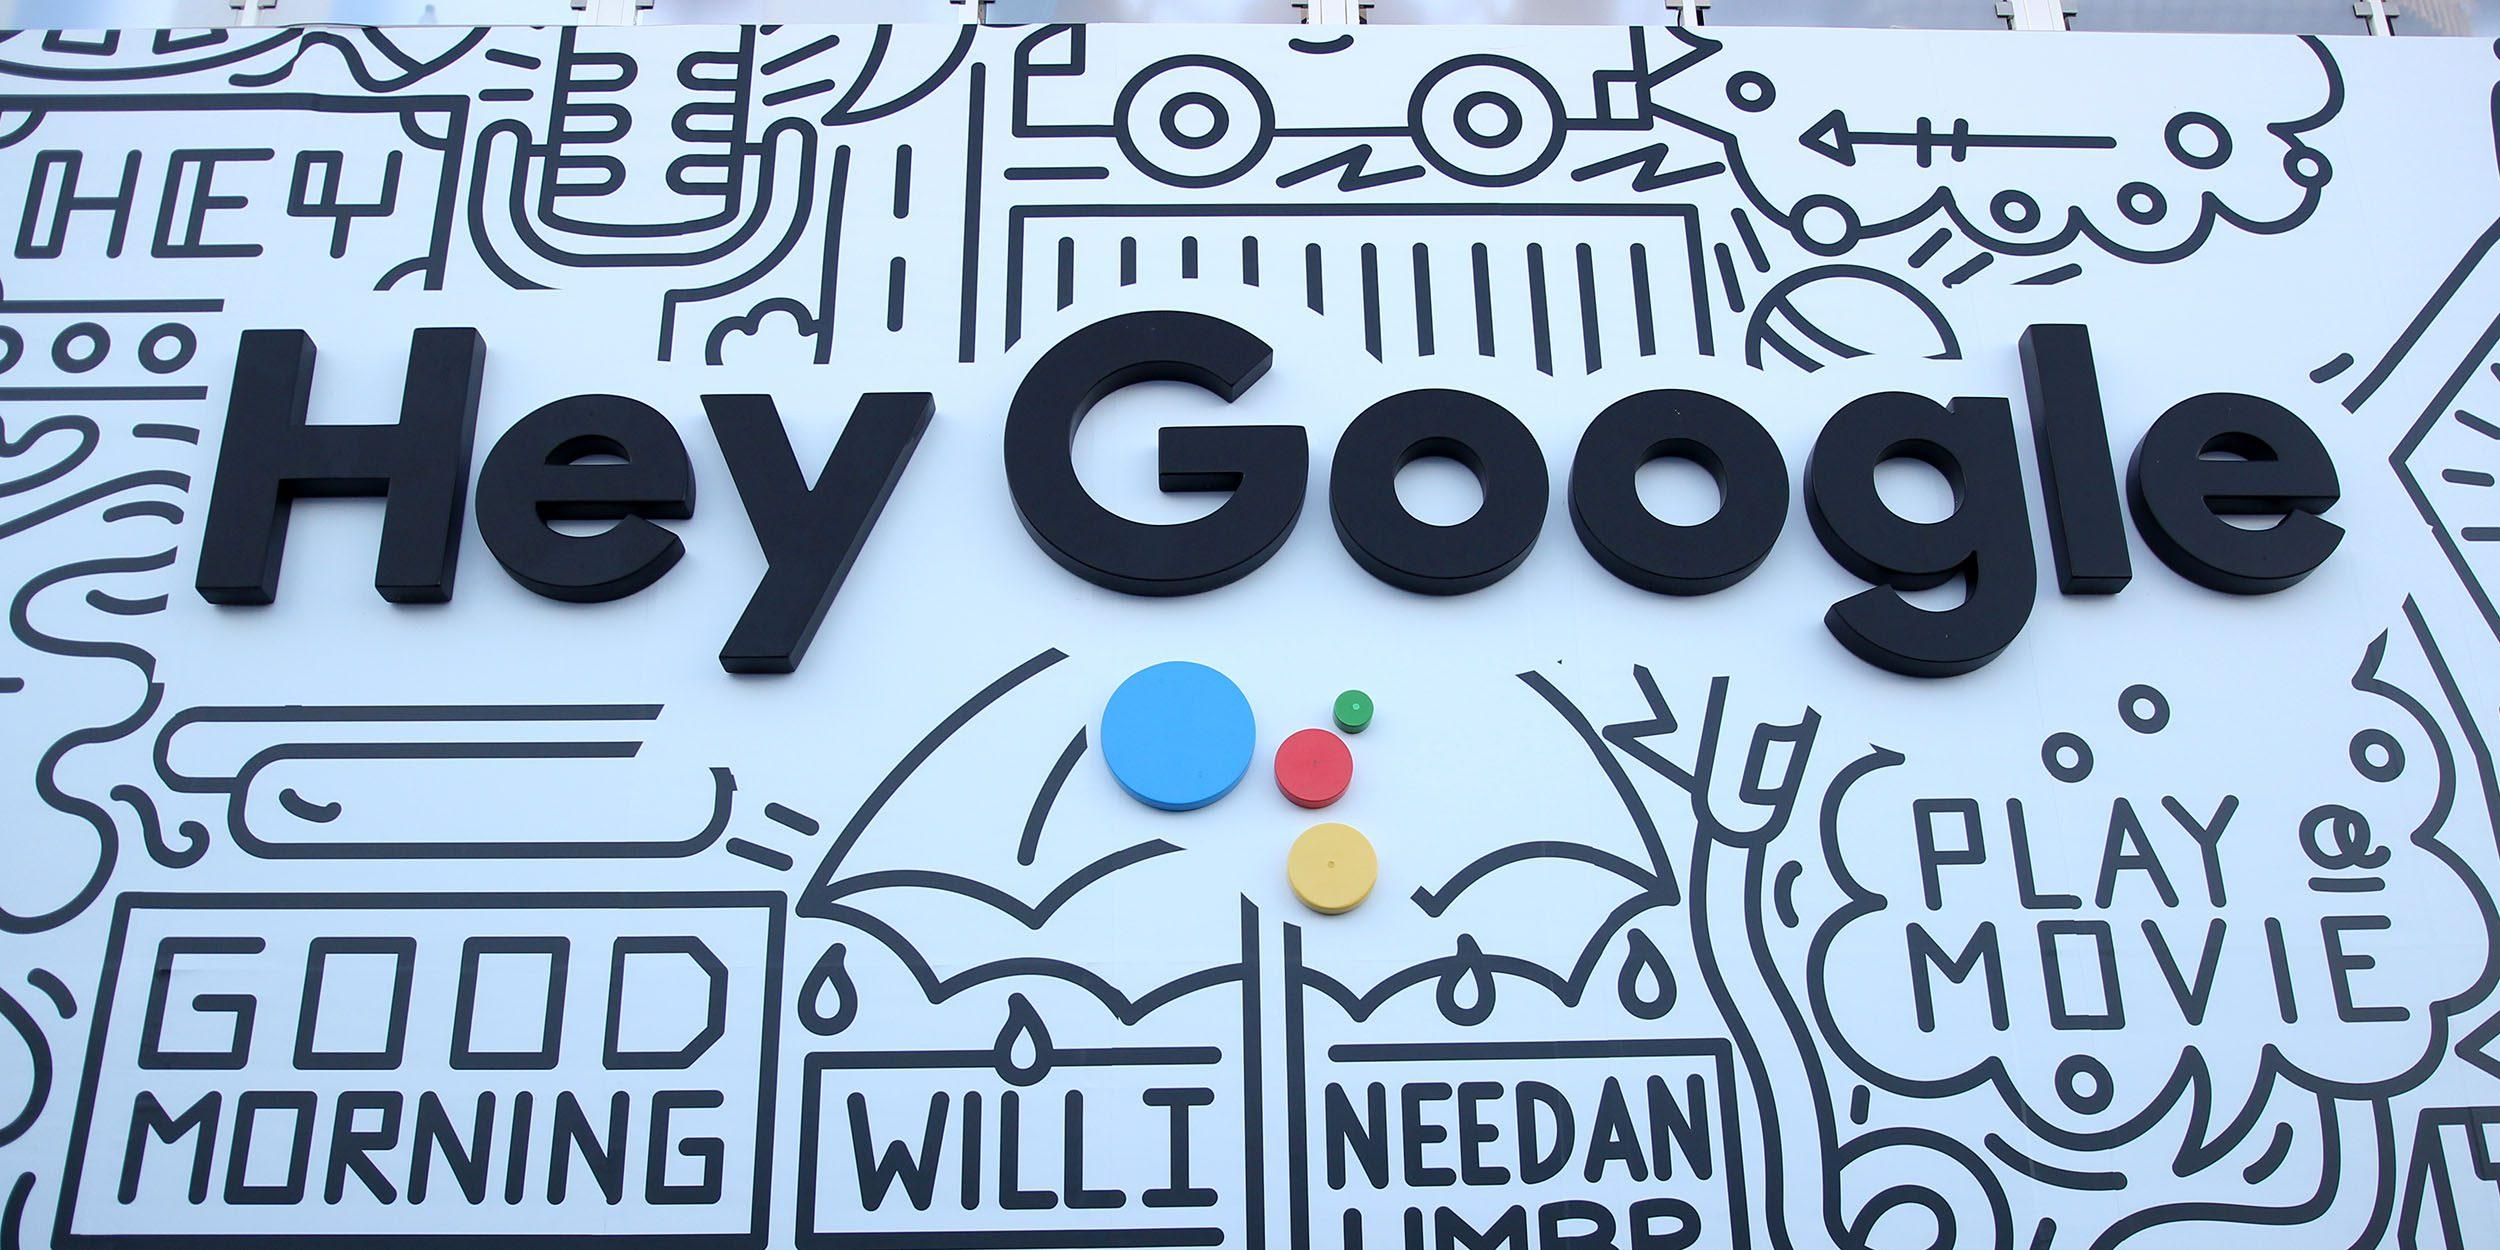 Google odkoupil Onward, aby vylepšil svého asistenta